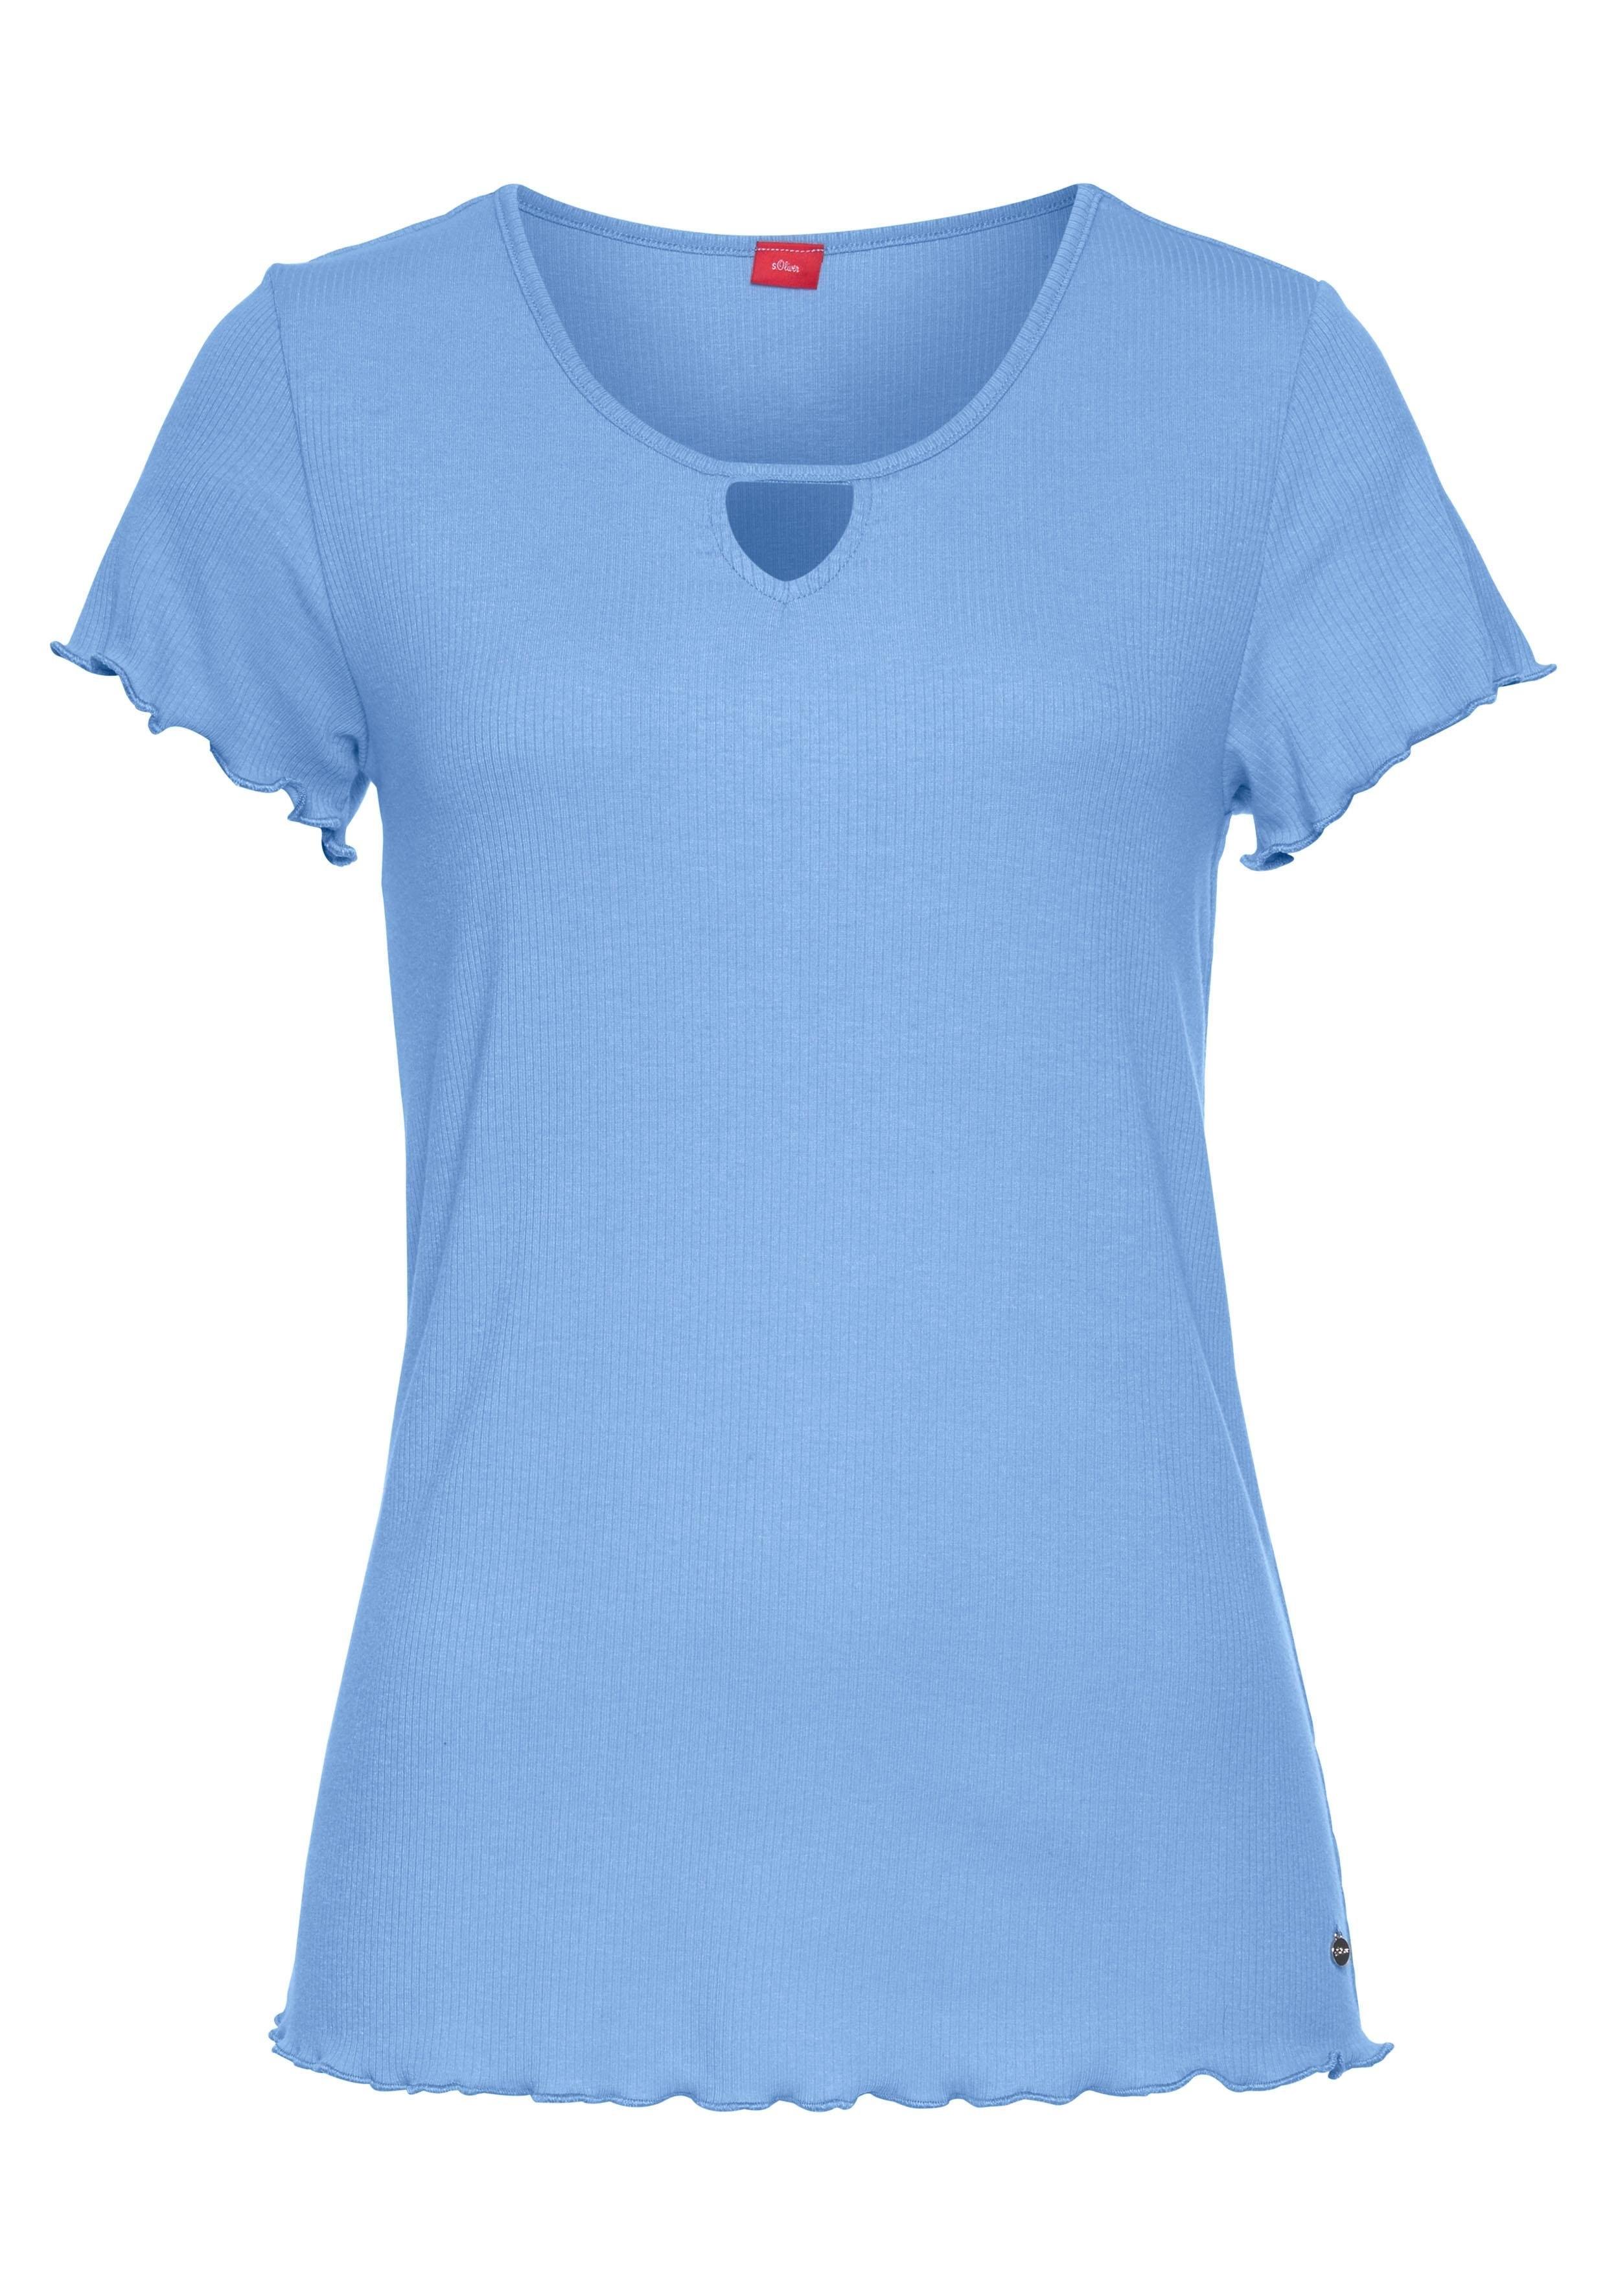 S.oliver Bodywear s.Oliver RED LABEL Bodywear shirt met korte mouwen voordelig en veilig online kopen